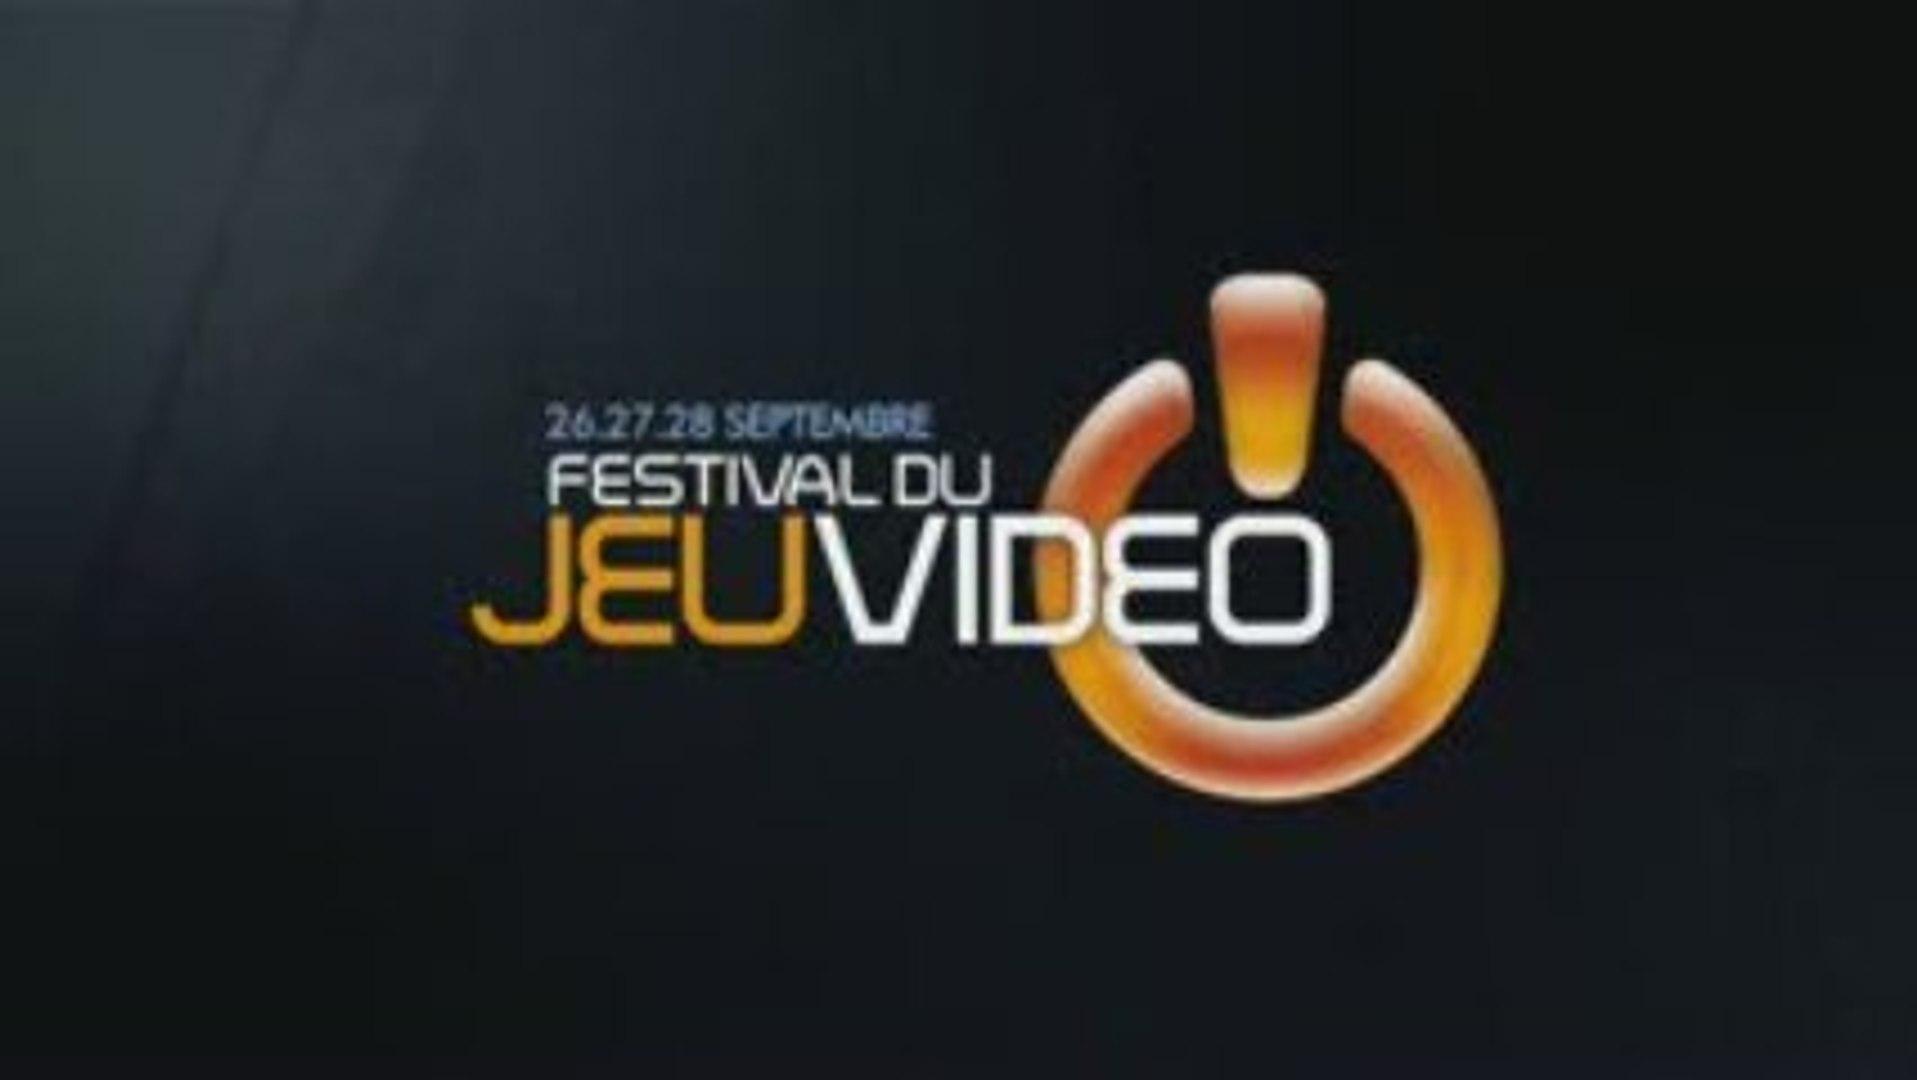 Festival du Jeux Vidéo - Clip 2008